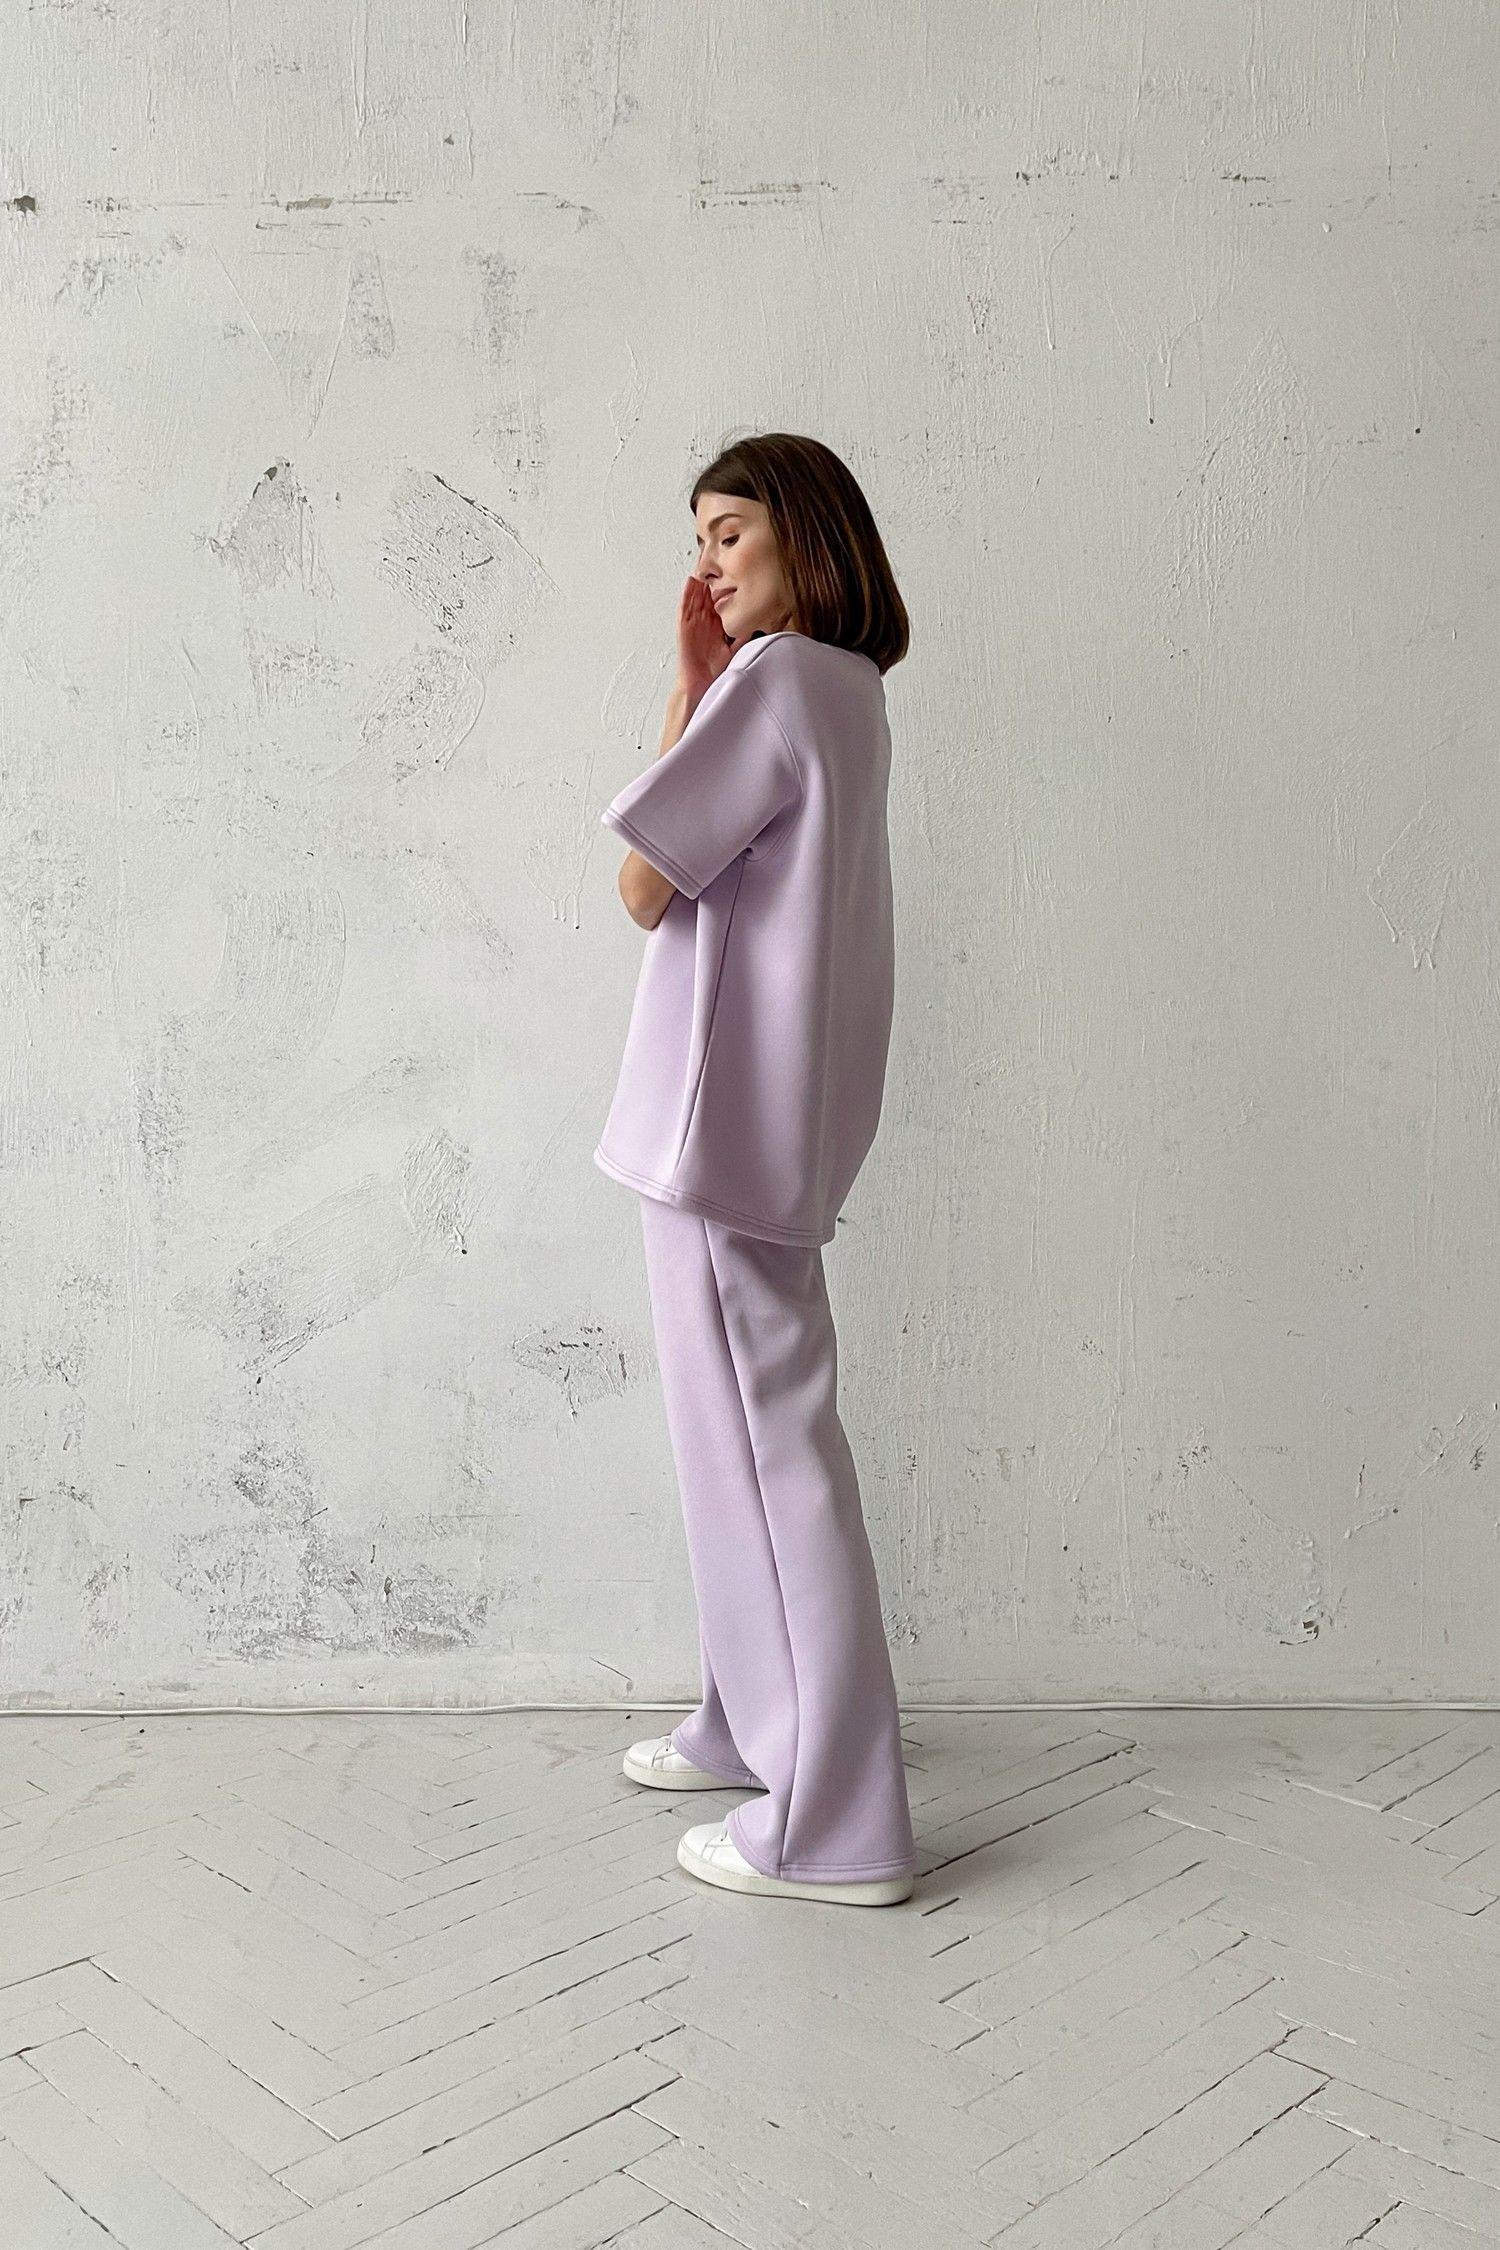 Костюм с брюками прямого кроя и футболкой violet - THE LACE